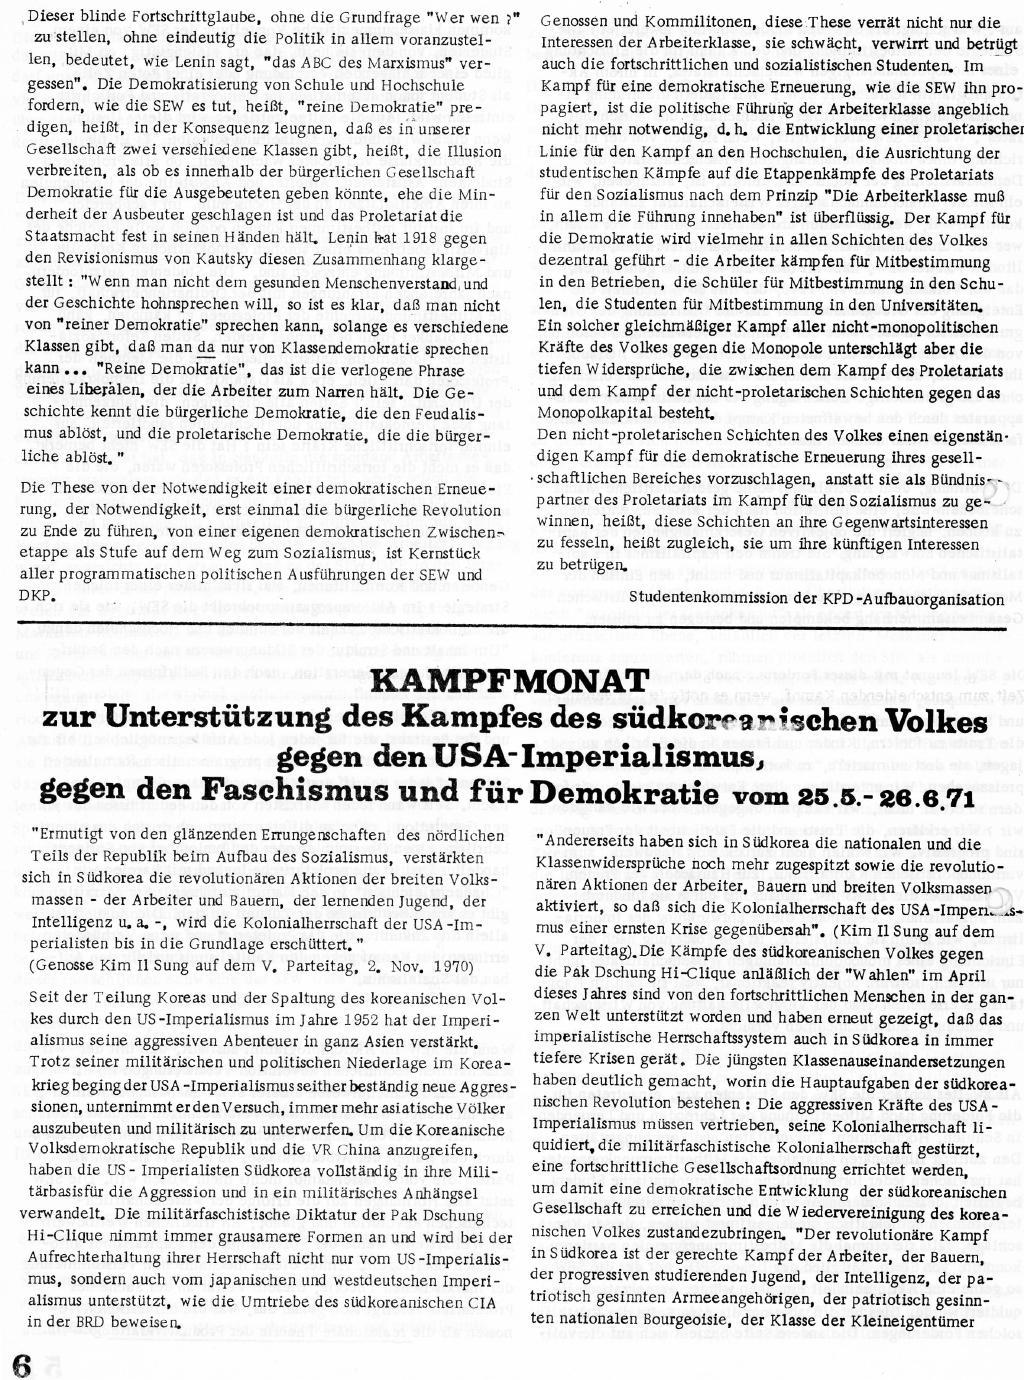 RPK_1971_116_06